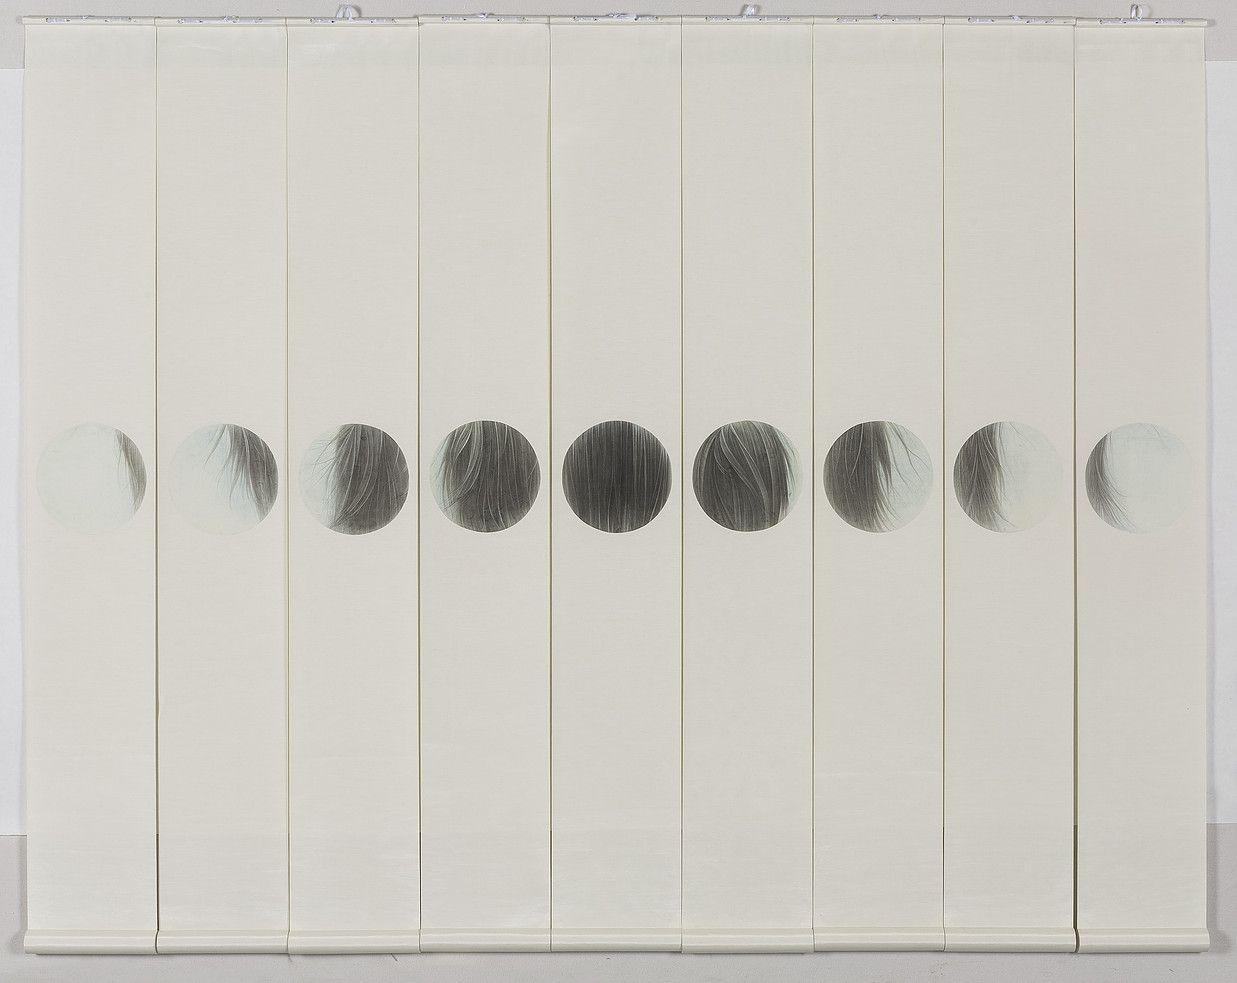 Hong Chun Zhang Artwork Chinese Ink Painting